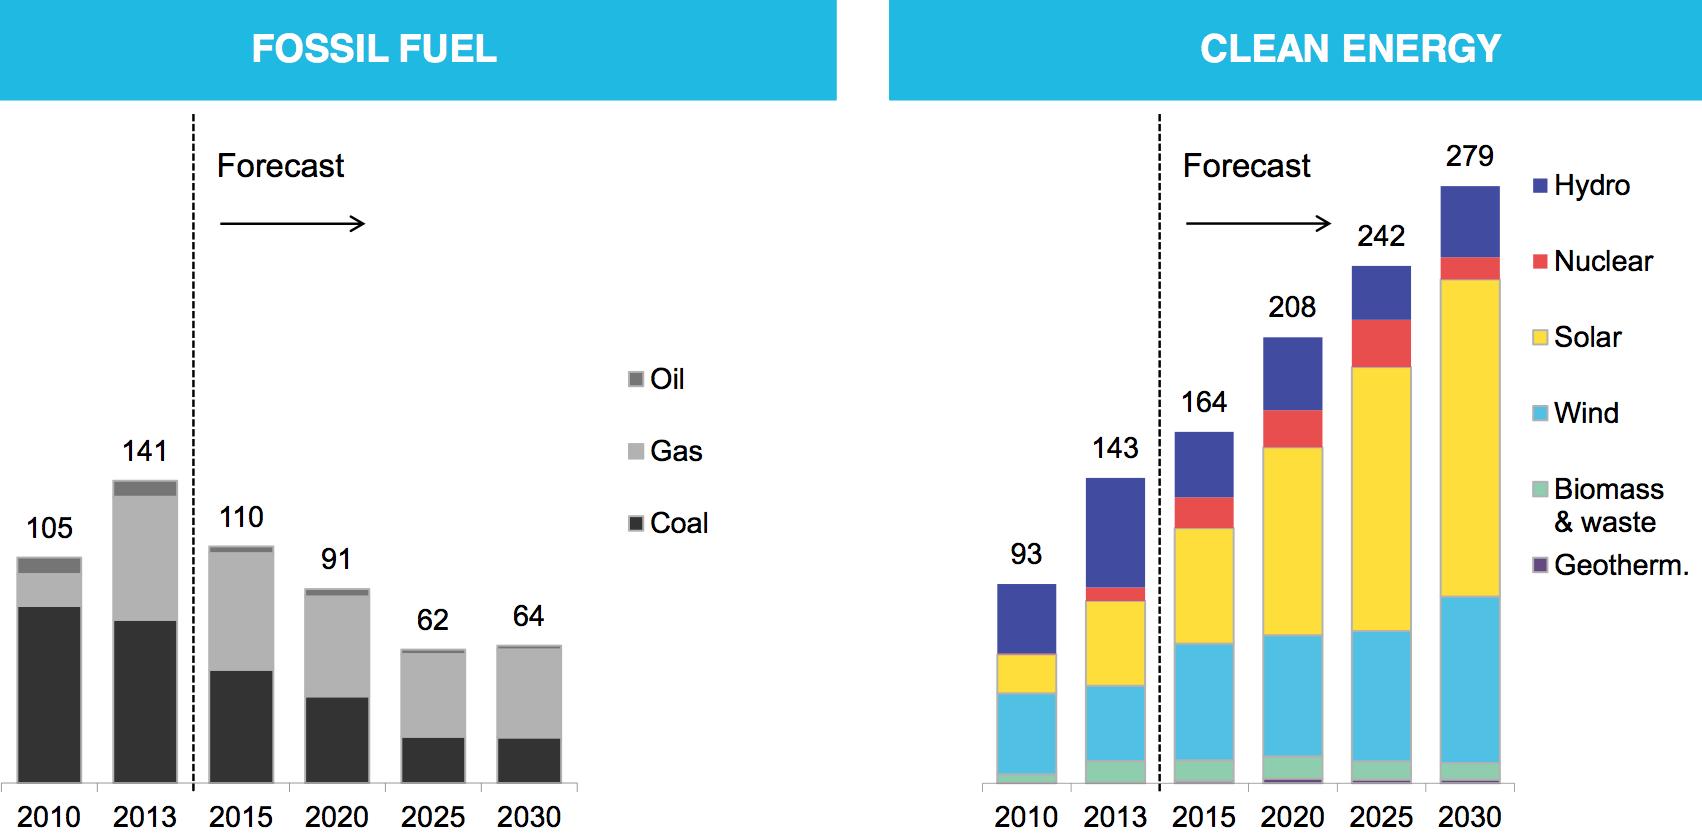 fossilfuelvscleanenergy